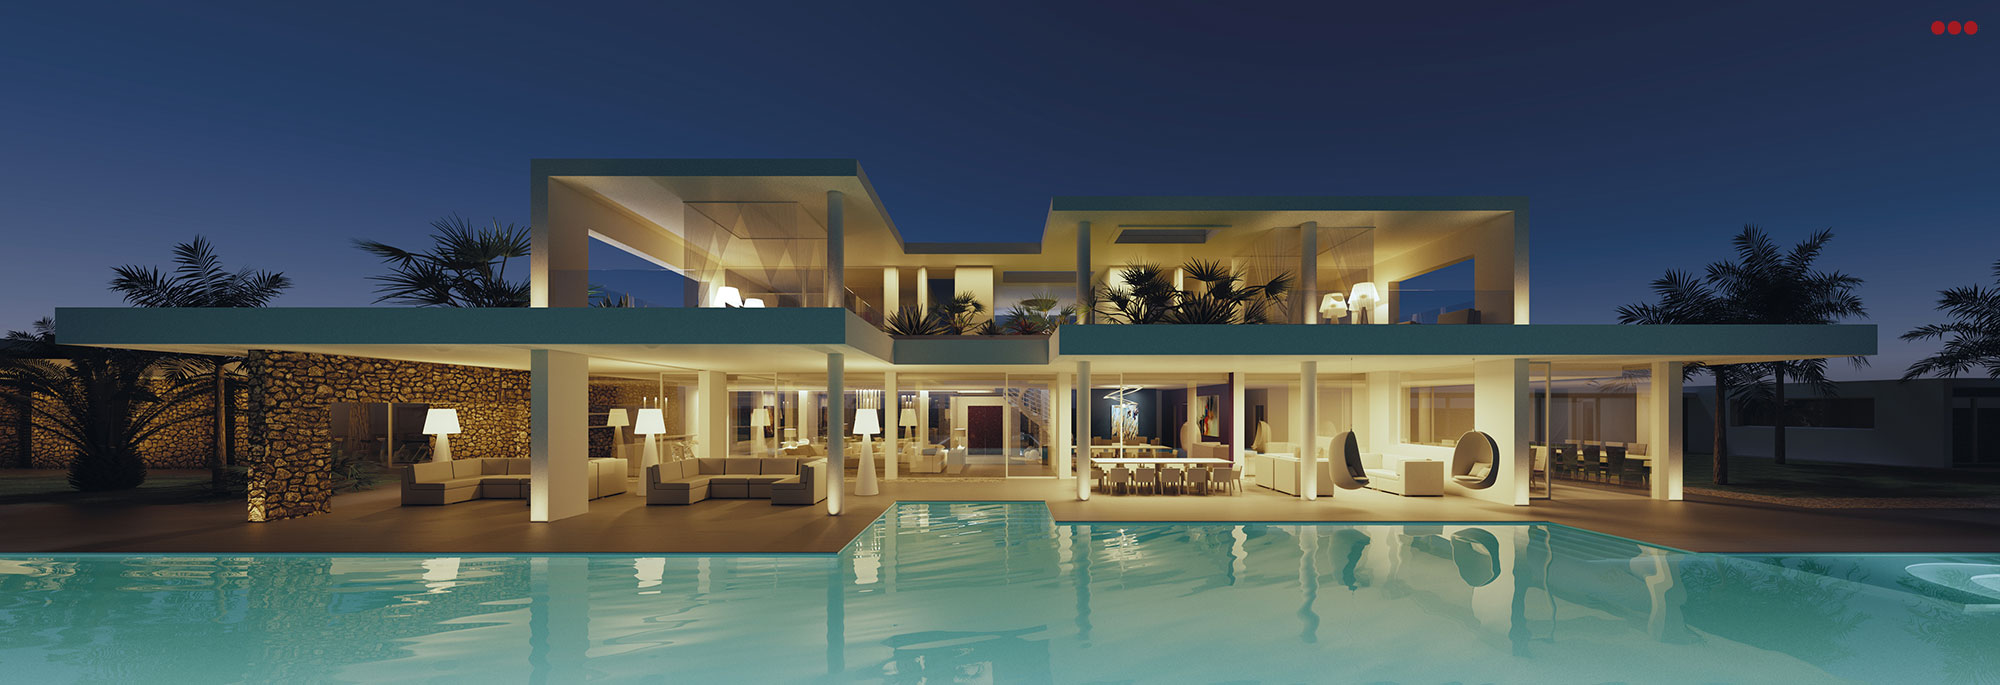 3D Studio Bartolini Villa Pemba progettazione rendering architettura grafica 14